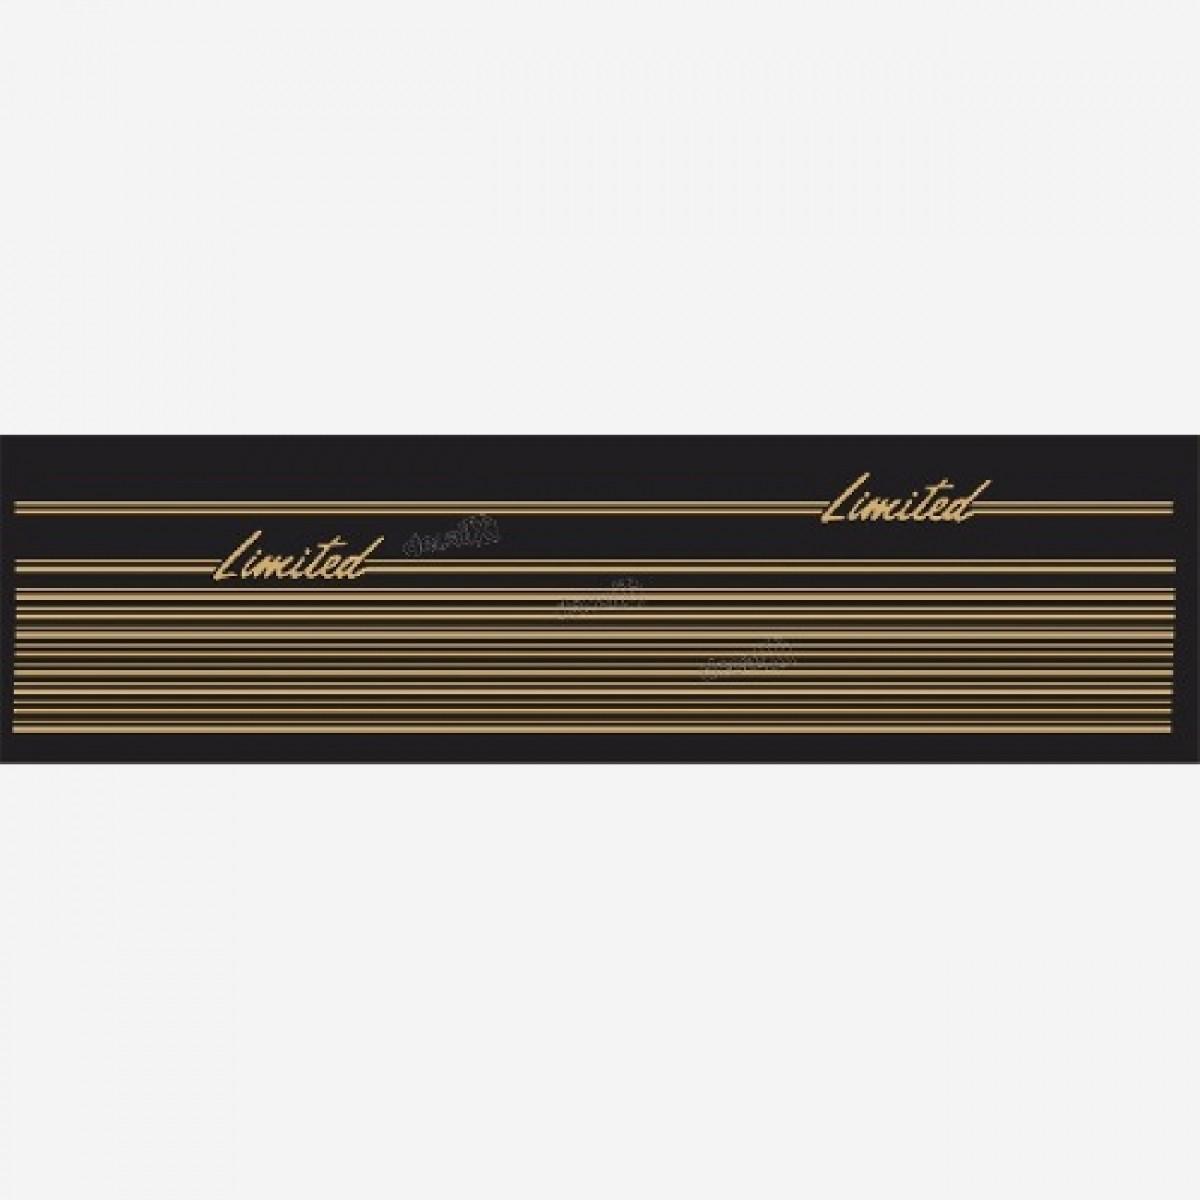 Adesivo Faixa Cherokee Limited Dourada - Decalx